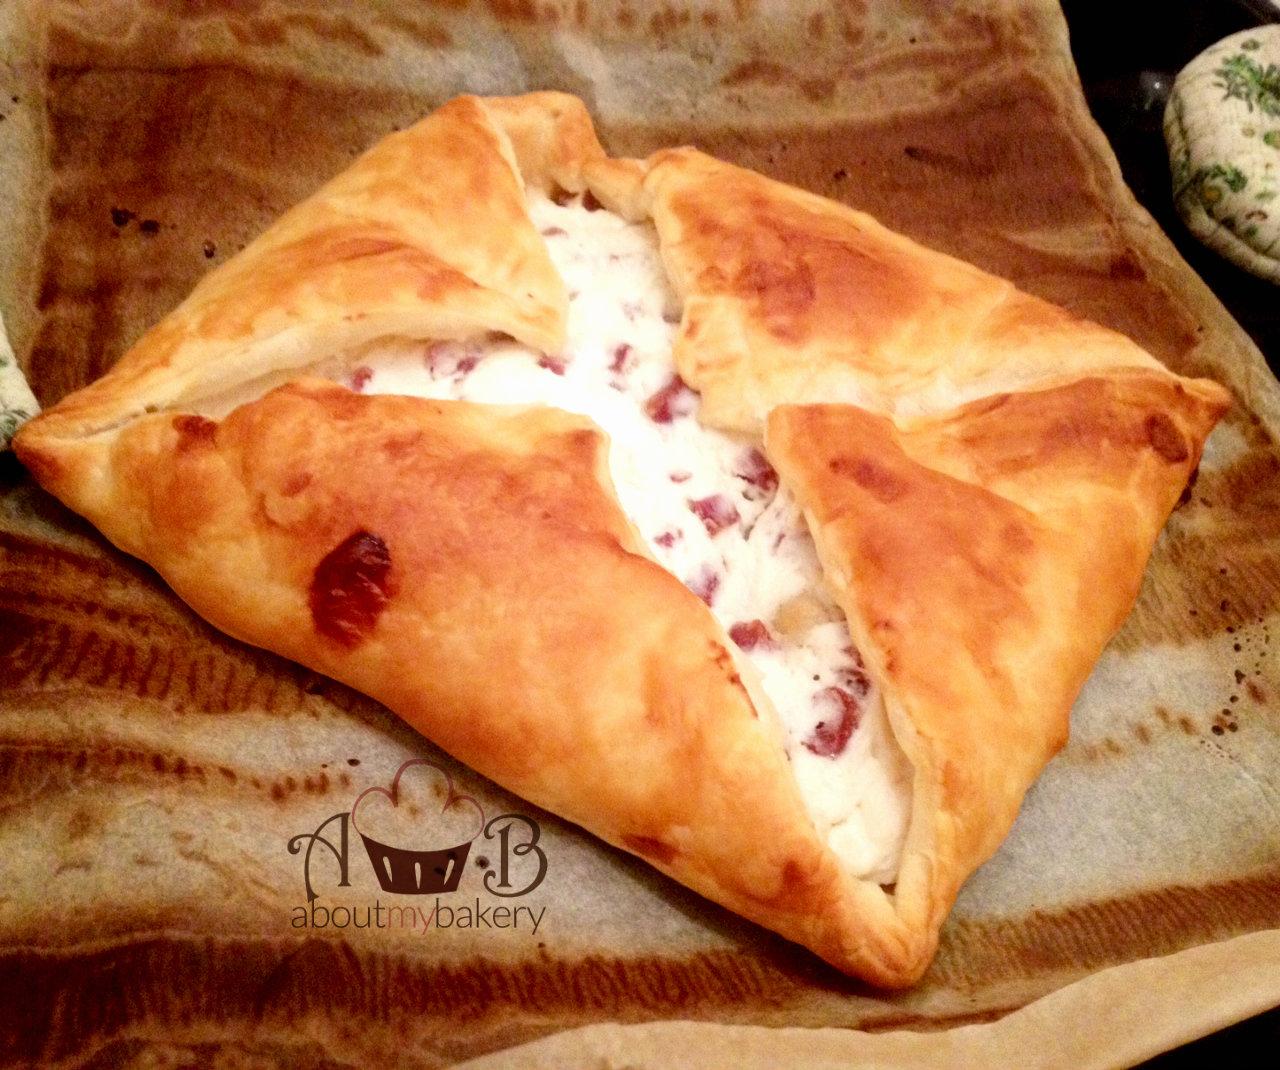 Fabuleux Rustico salame e ricotta - Ricetta facile e veloce | About My Bakery SQ37